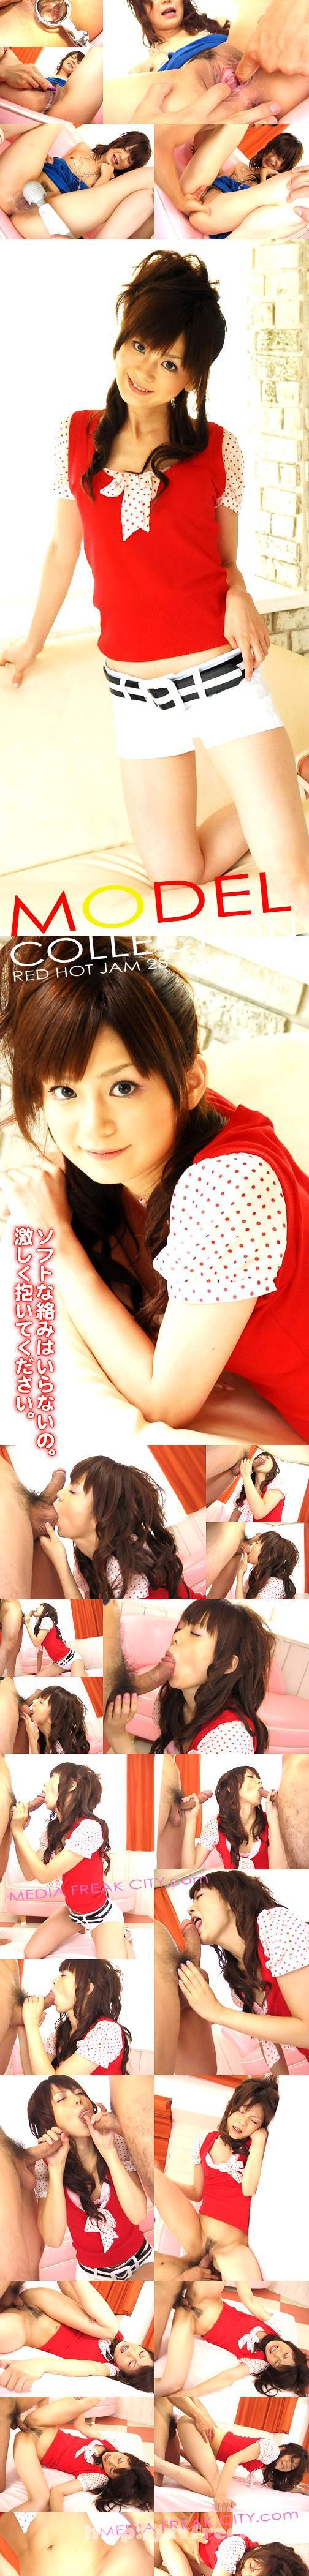 [RHJ 028] レッドホットジャム Vol.28   モデルコレクション   : 渡辺杏奈 渡辺杏奈 RHJ